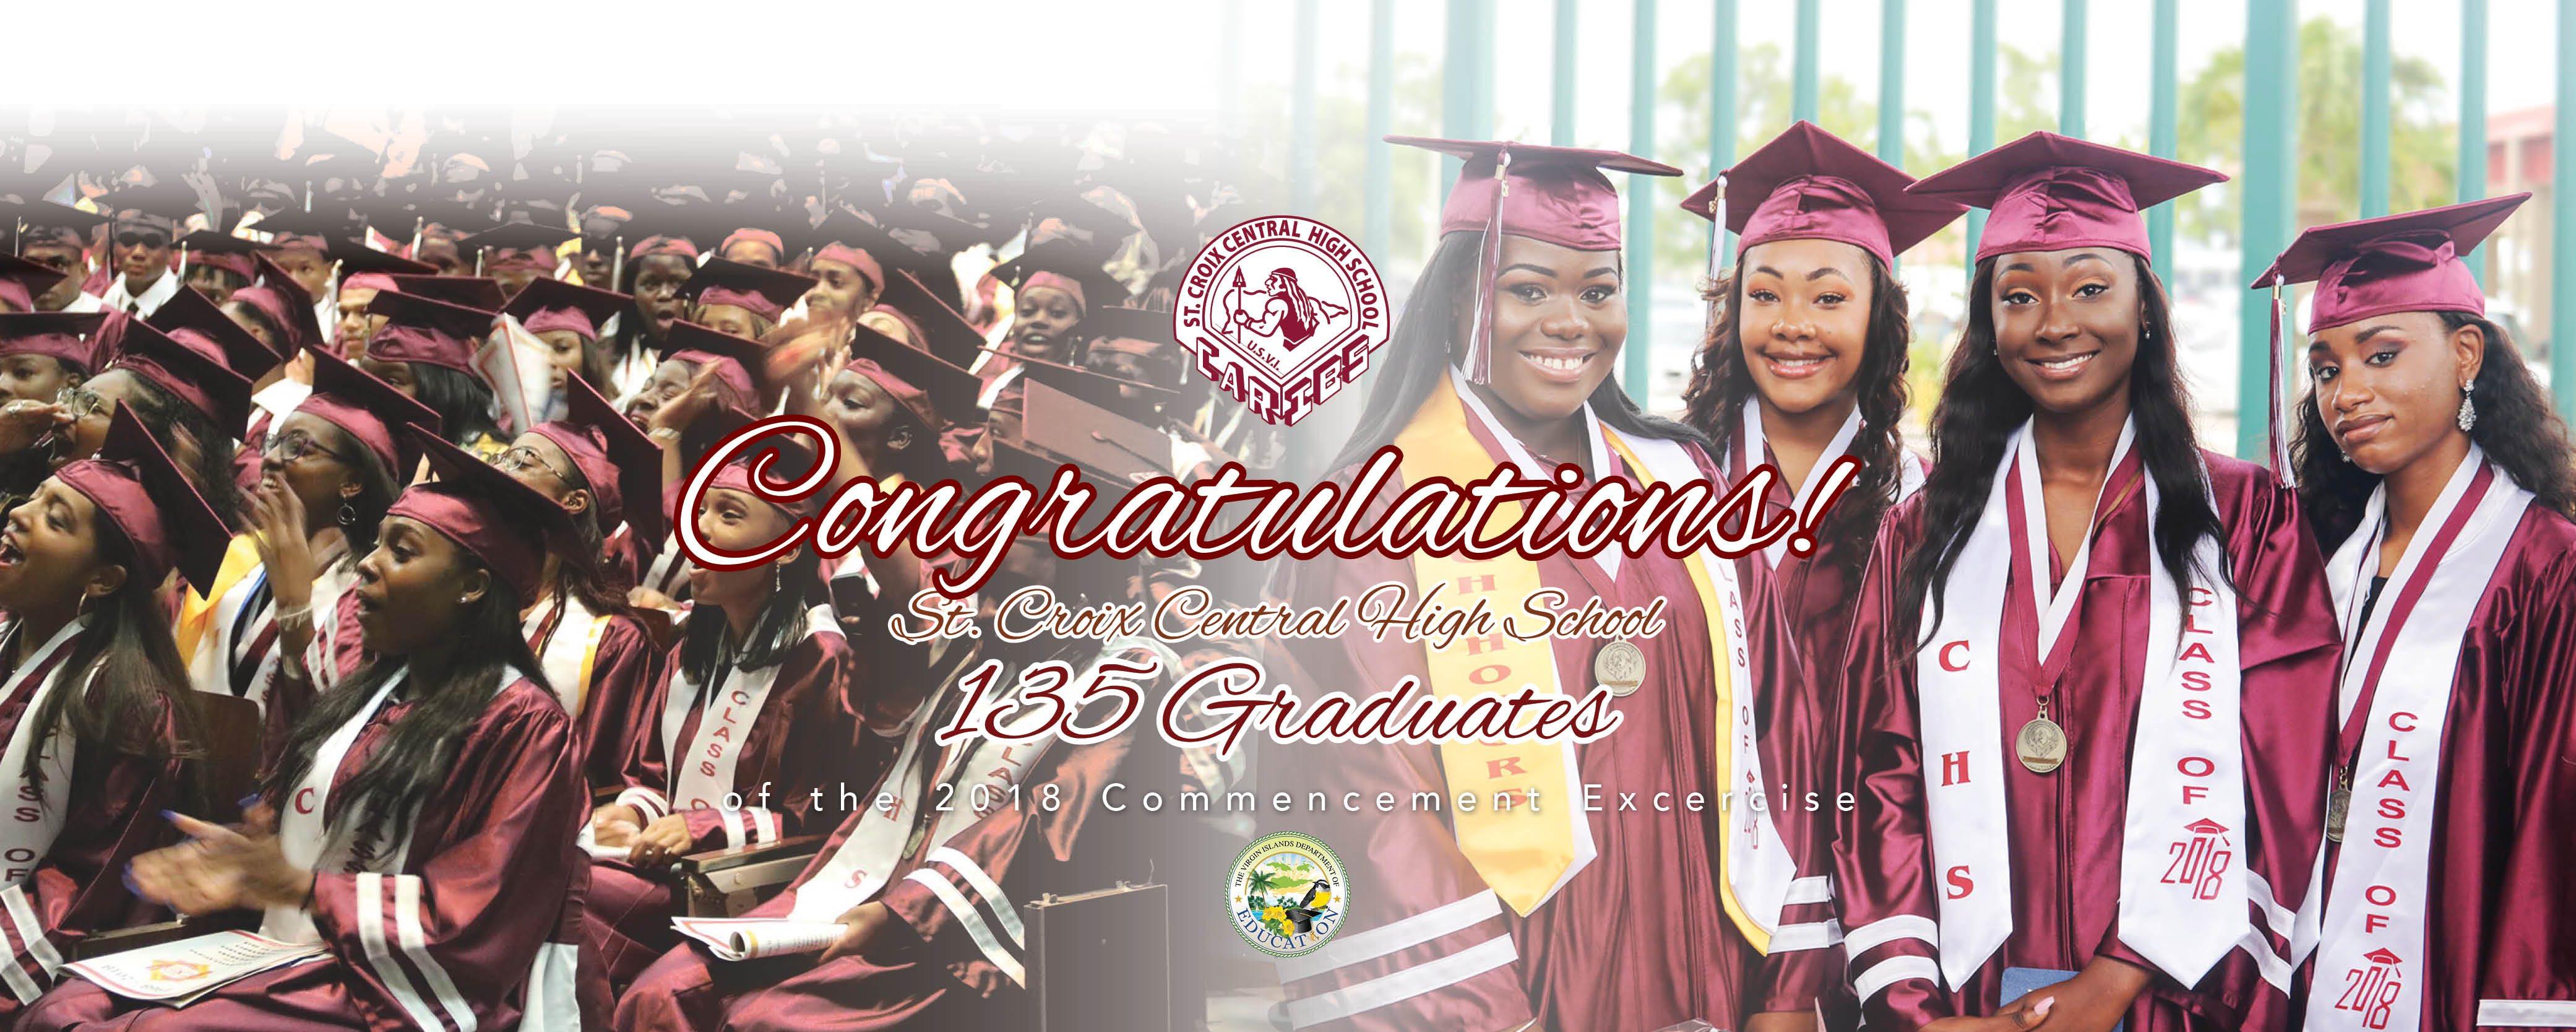 CHS Graduates 135 in